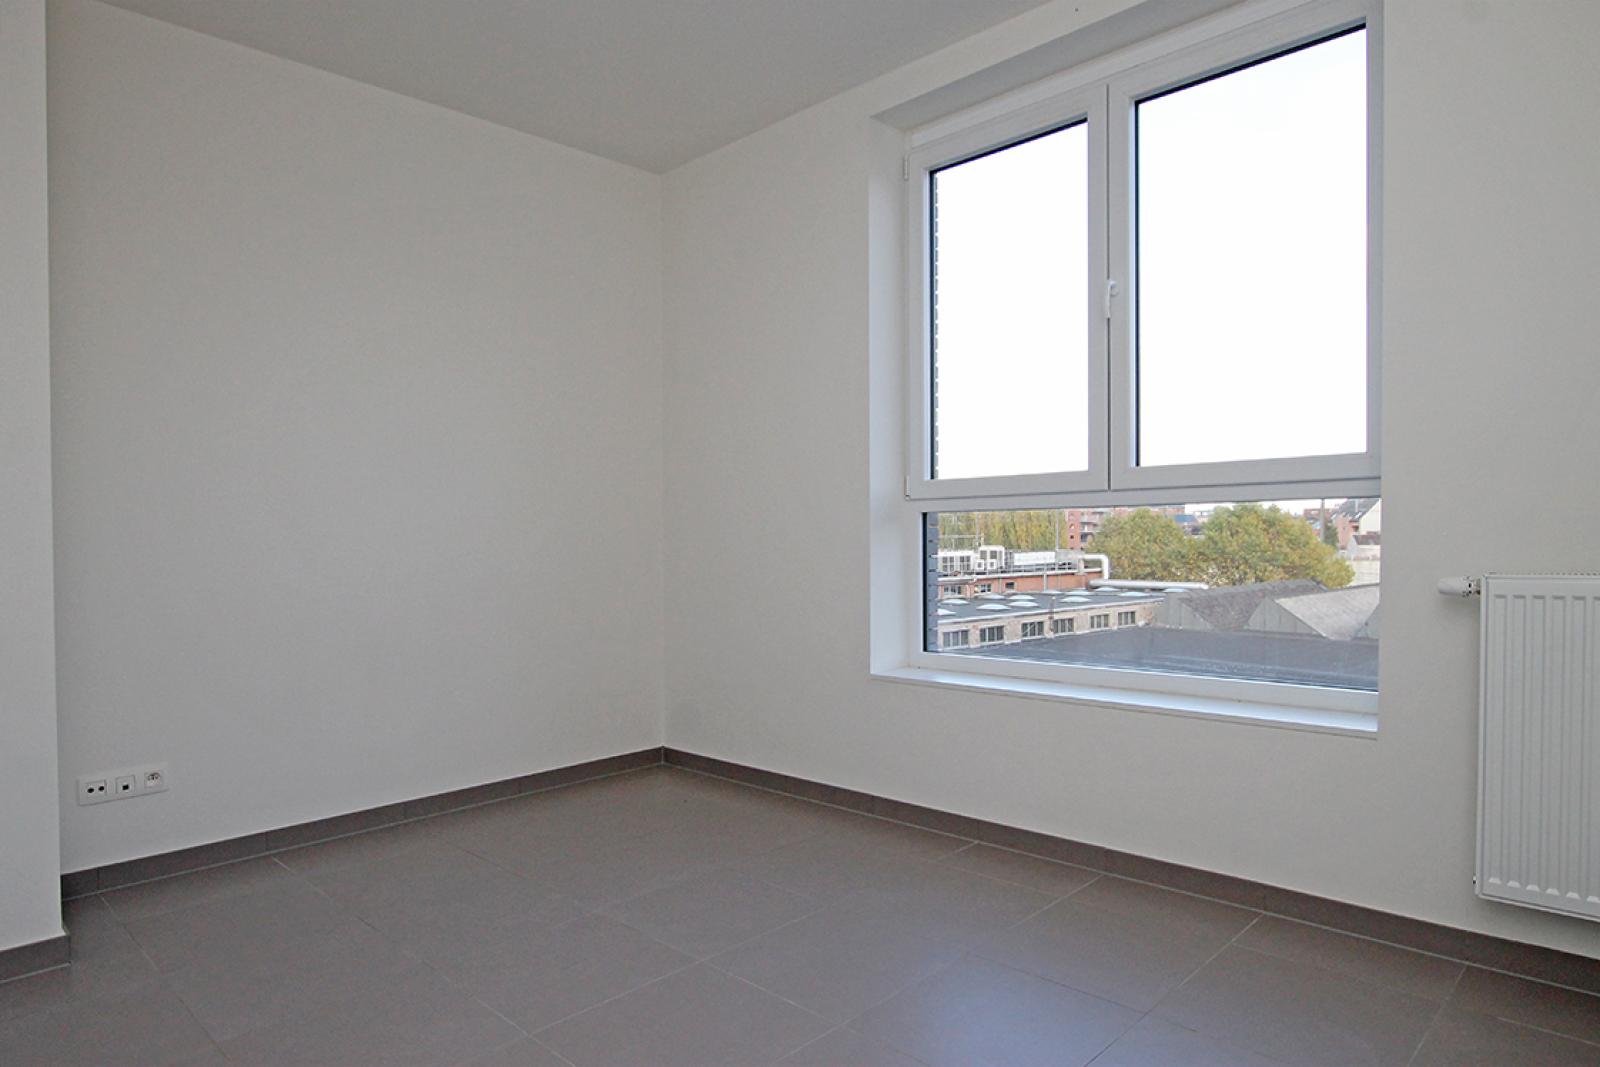 Prachtig nieuwbouwappartement aan Park Spoor Noord! afbeelding 8